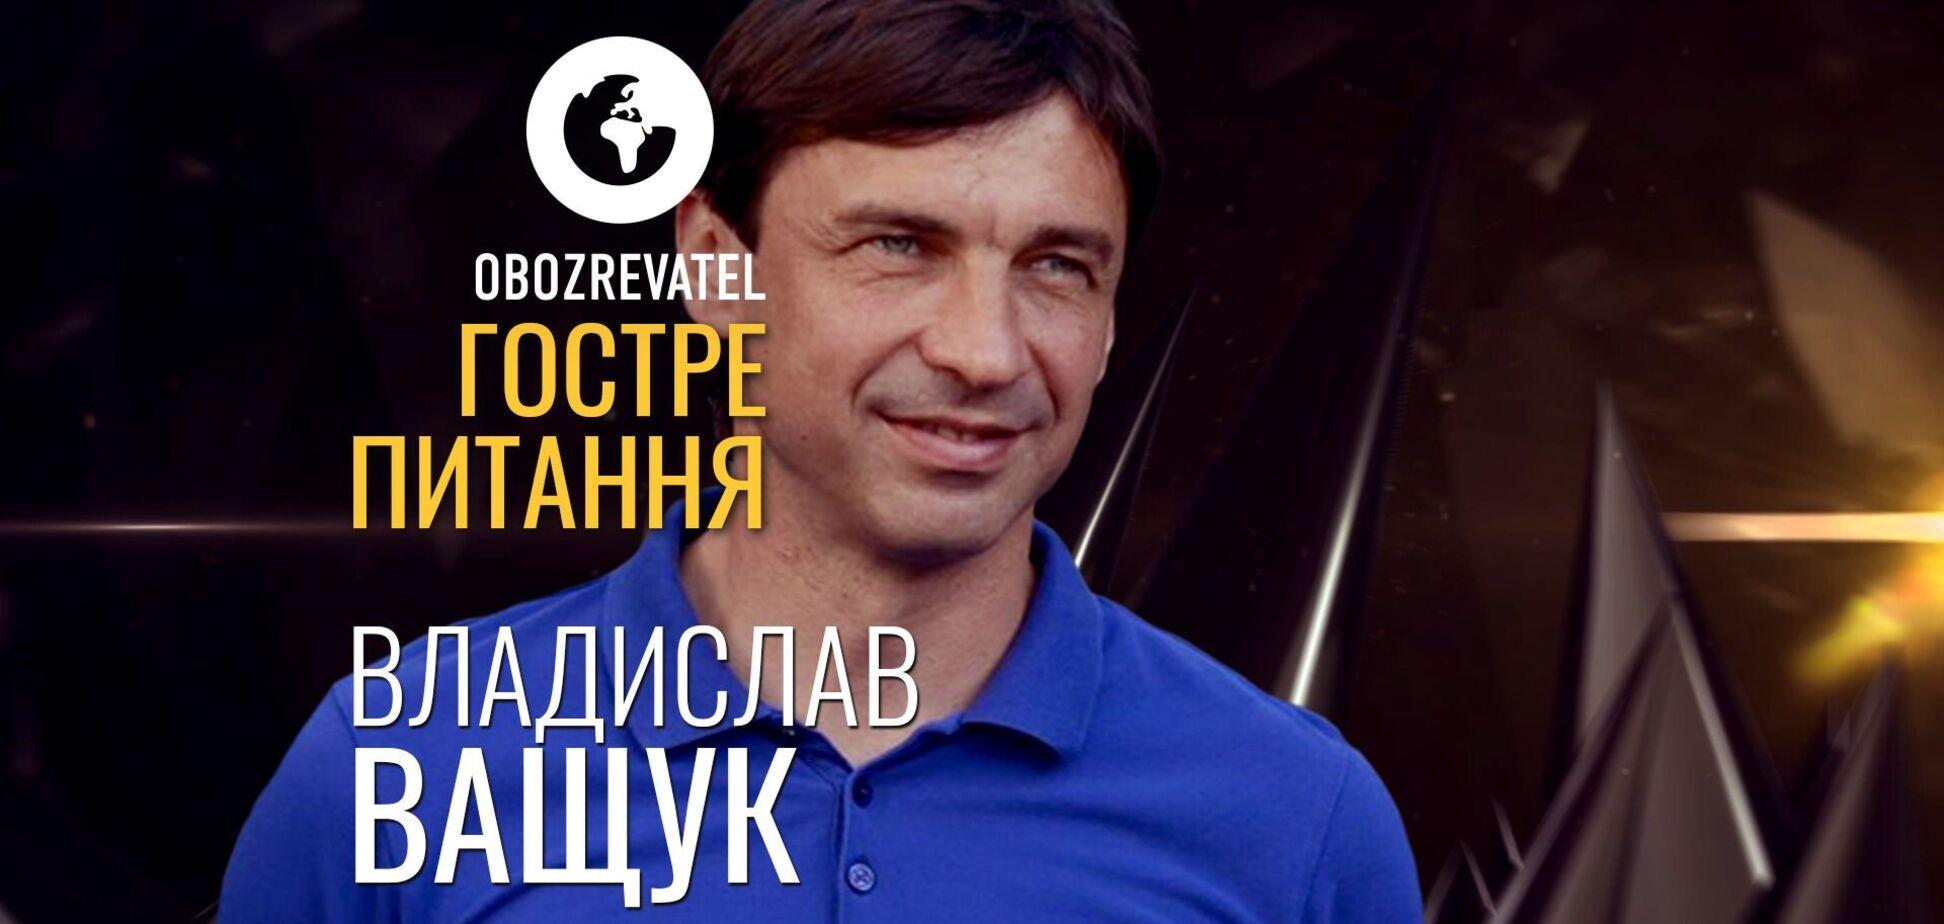 Владислав Ващук | Гостре питання